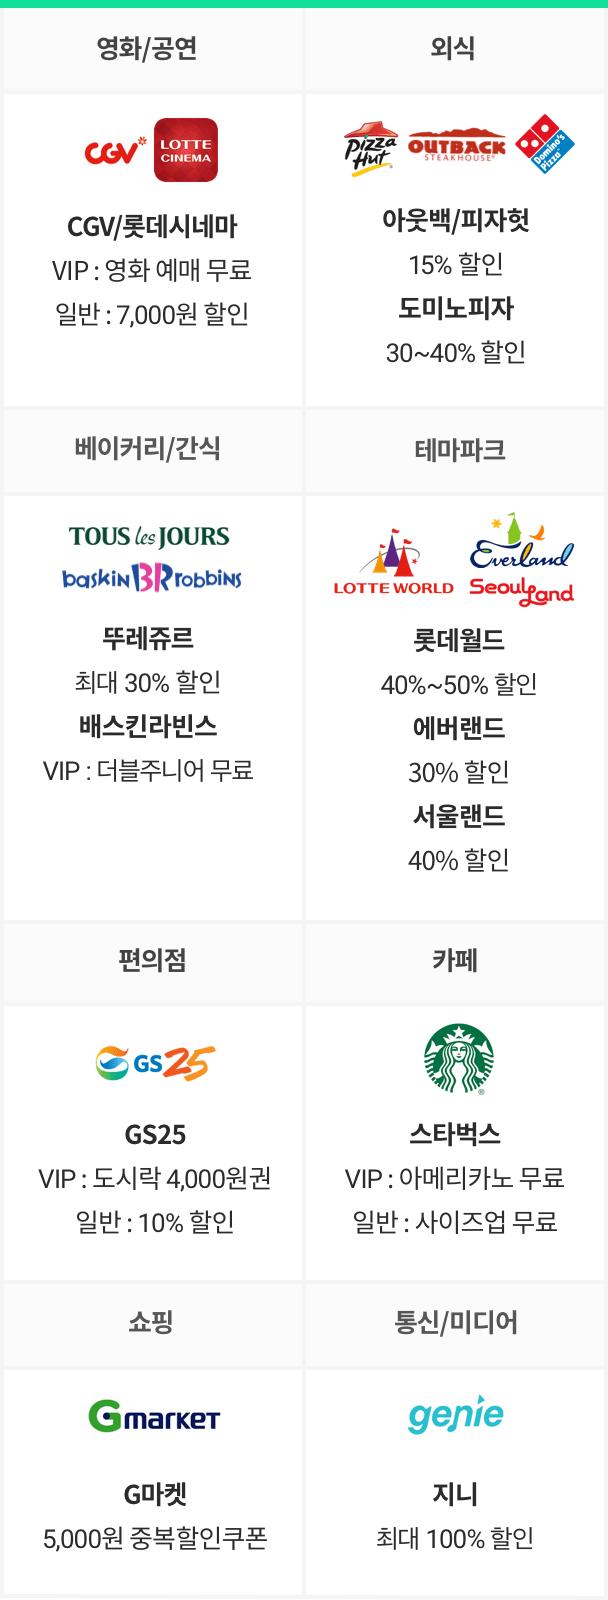 KT 멤버십 포인트 사용 가능 제휴사별 대표혜택